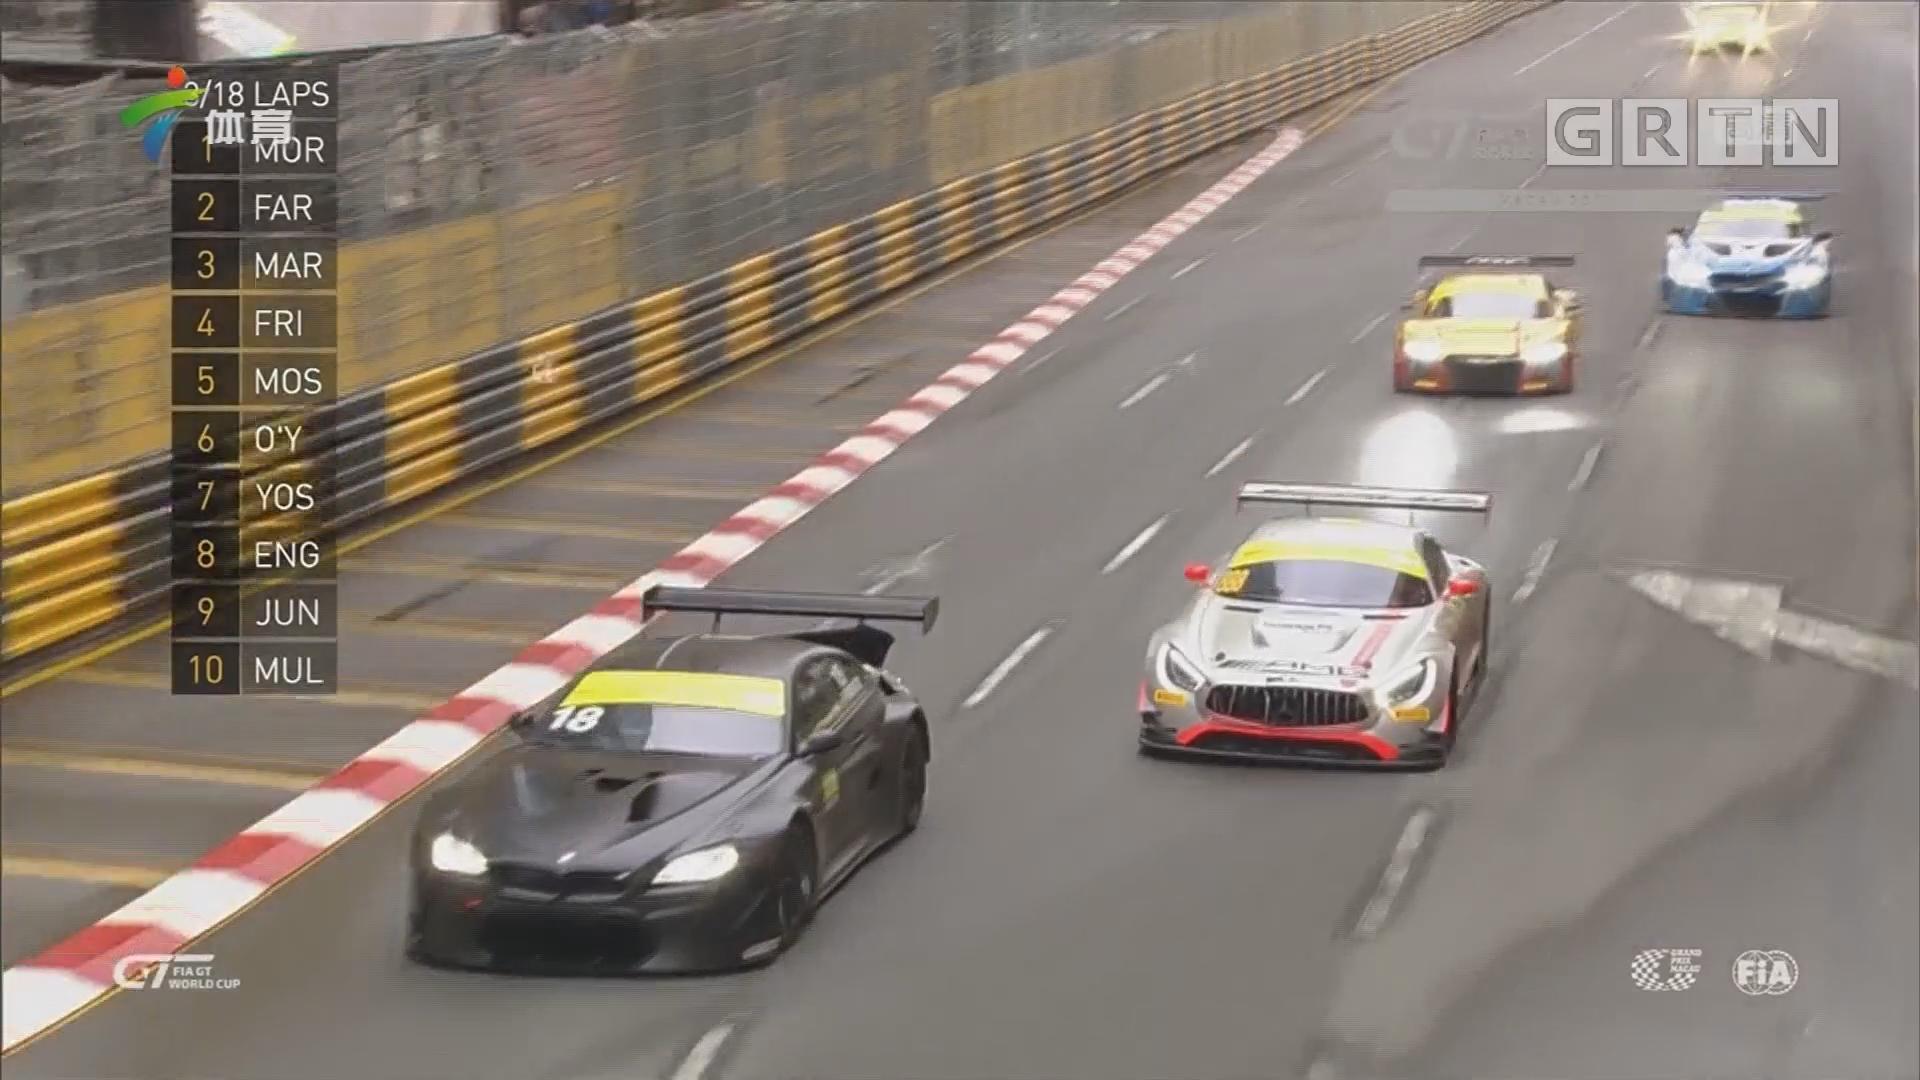 澳门格兰披治GT世界杯 大马力超跑赛车咆哮东望洋